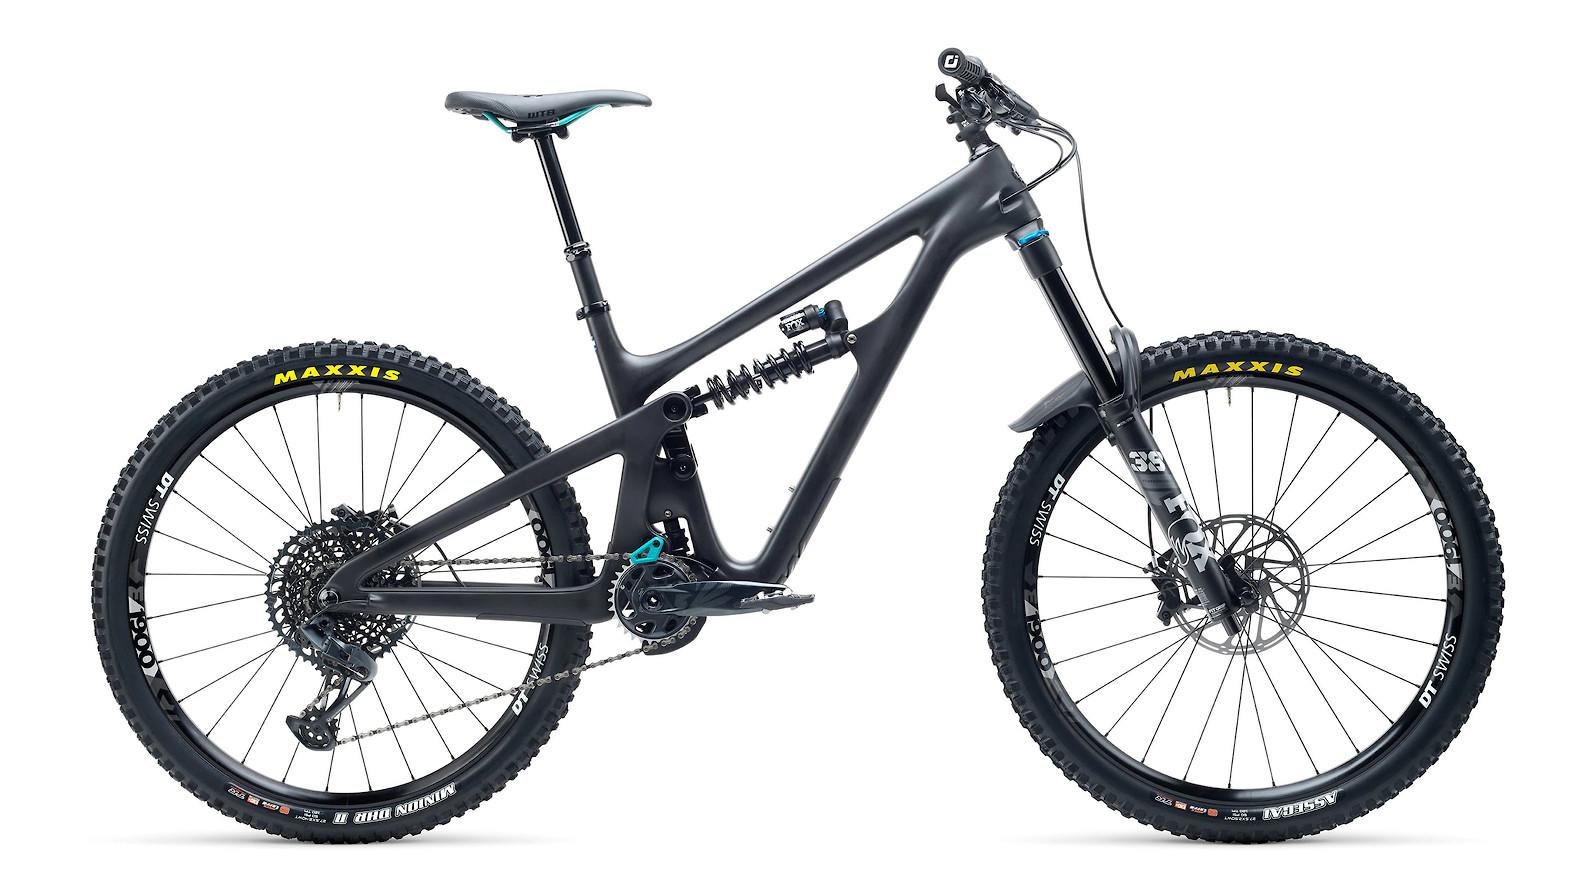 2021 Yeti SB165 C2 (Black)